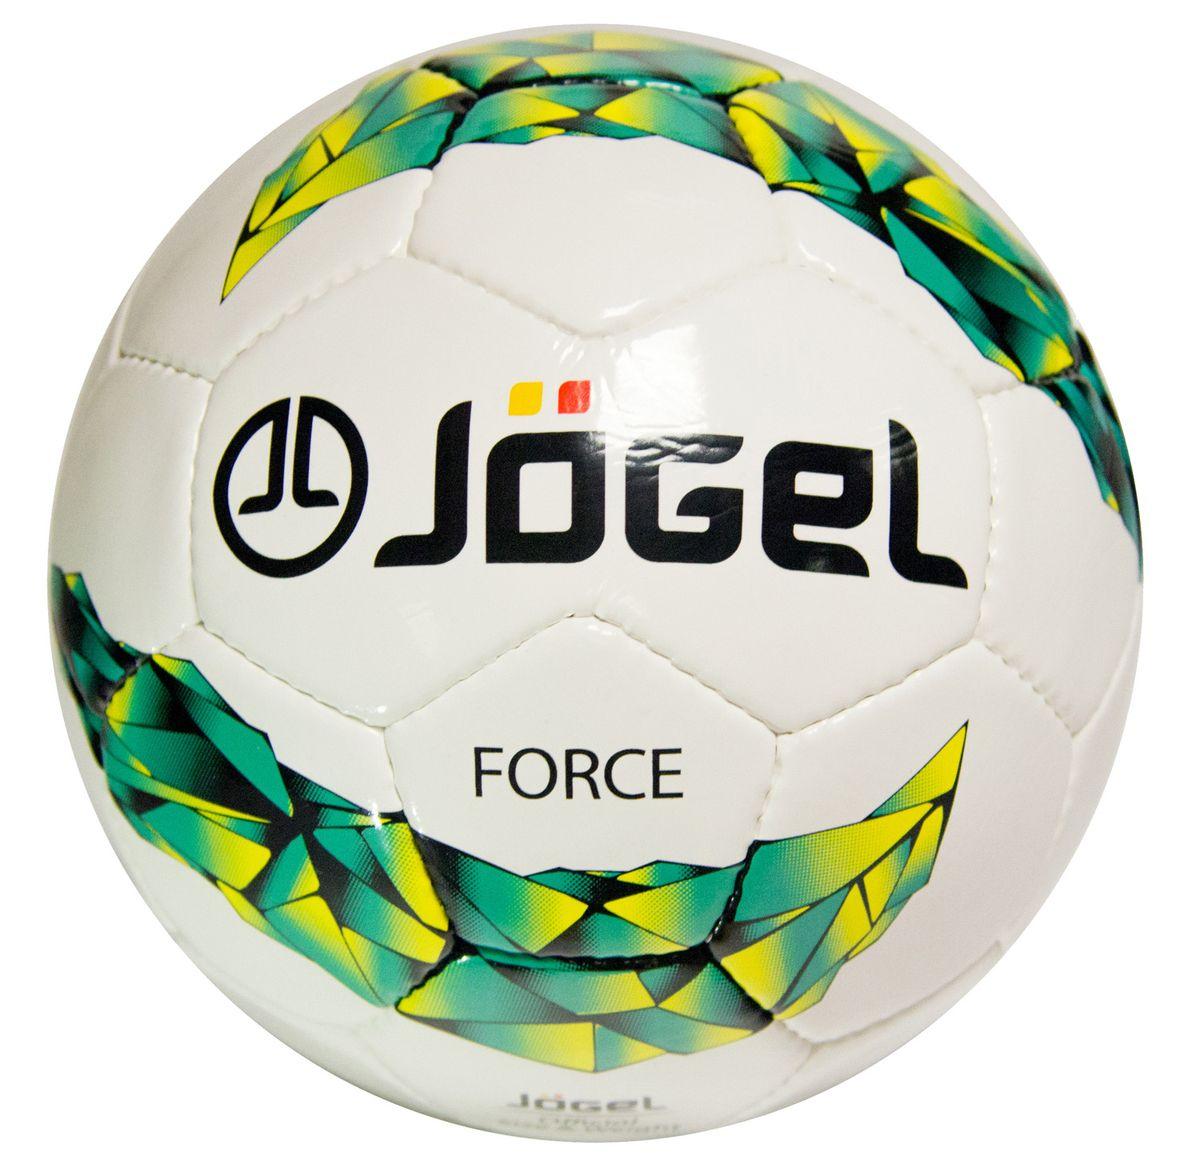 Мяч футбольный Jogel Force, цвет: белый, зеленый, желтый. Размер 4. JS-450J30J304671Футбольный мяч Jogel JS-450 Force прекрасная любительская модель ручной сшивки. Покрышка мяча выполнена из сочетания поливинилхлорида и полиуретана, за счет чего достигается дополнительная плотность и износостойкость. Мяч Jogel JS-450 Force предназначен для любительской игры и тренировок любительских команд.Мяч имеет 4 подкладочных слоя на нетканой основе (смесь хлопка с полиэстером) и латексную камеру с бутиловым ниппелем, который обеспечивает долгое сохранение воздуха в камере.Мяч не рекомендован для игры при низких температурах (ниже +5°С).Вес: 410-450 гр.Длина окружности: 68-70 см.Рекомендованное давление: 0.6-0.8 бар.УВАЖАЕМЫЕ КЛИЕНТЫ!Обращаем ваше внимание на тот факт, что мяч поставляется в сдутом виде. Насос в комплект не входит.